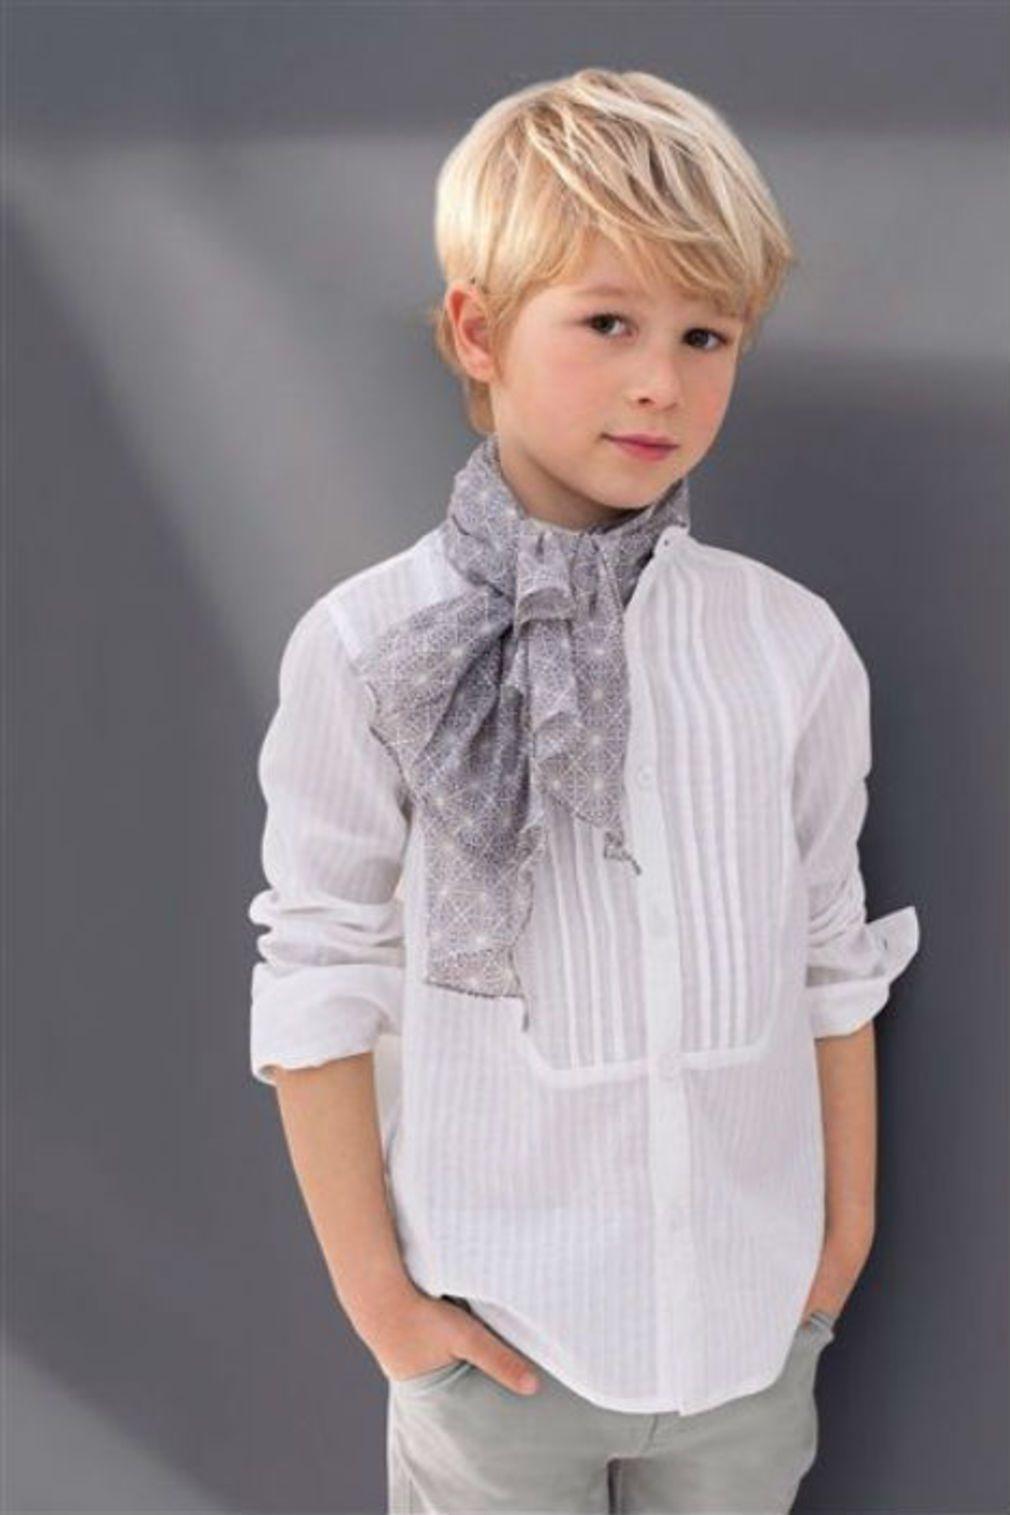 Coupe de cheveux garçon blond | Coupe de cheveux garcon, Coupe cheveux petit garçon et Coupe ...